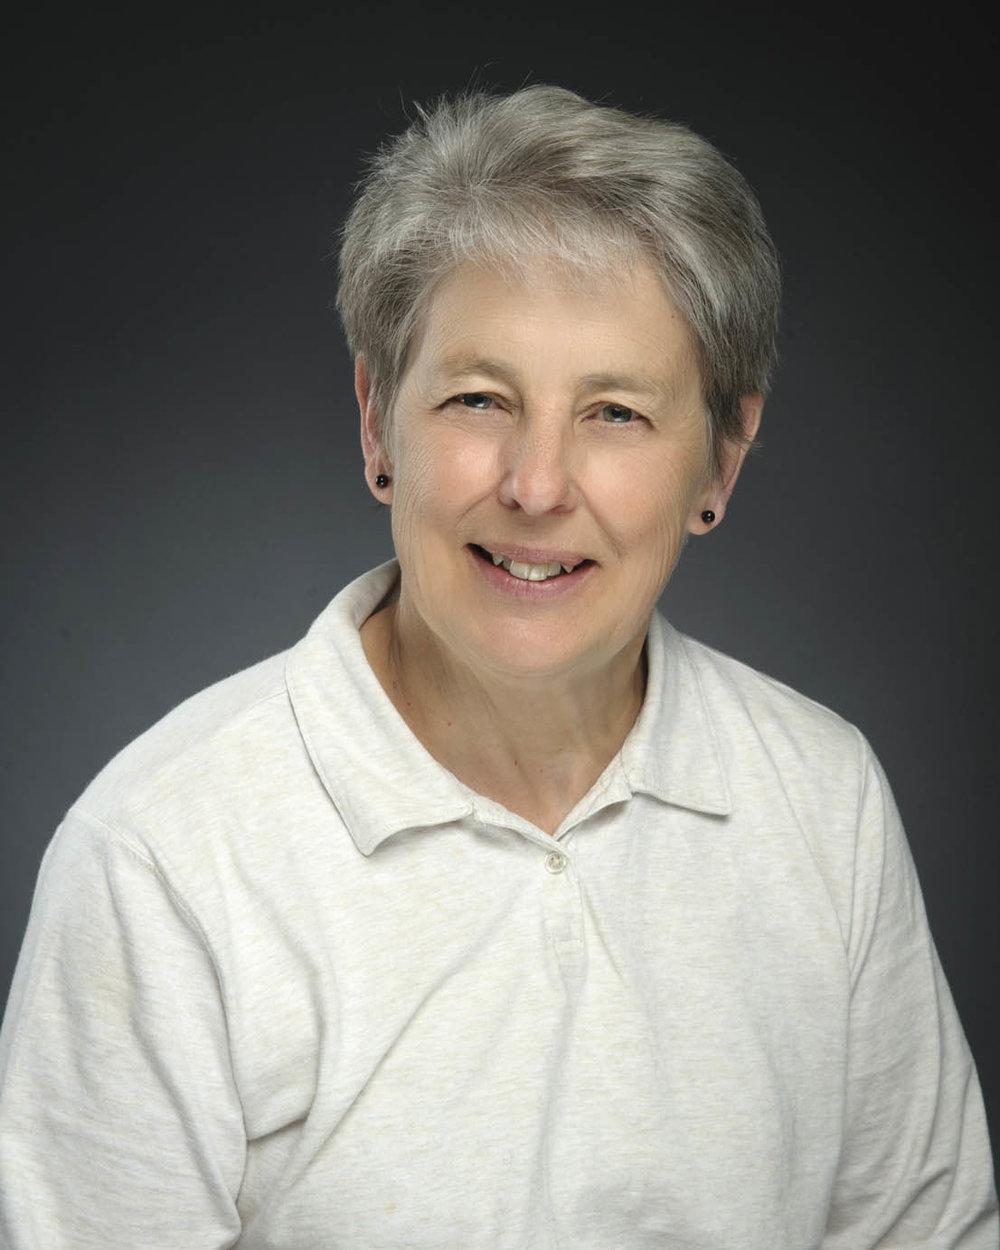 Carol Bischoff - Statewide